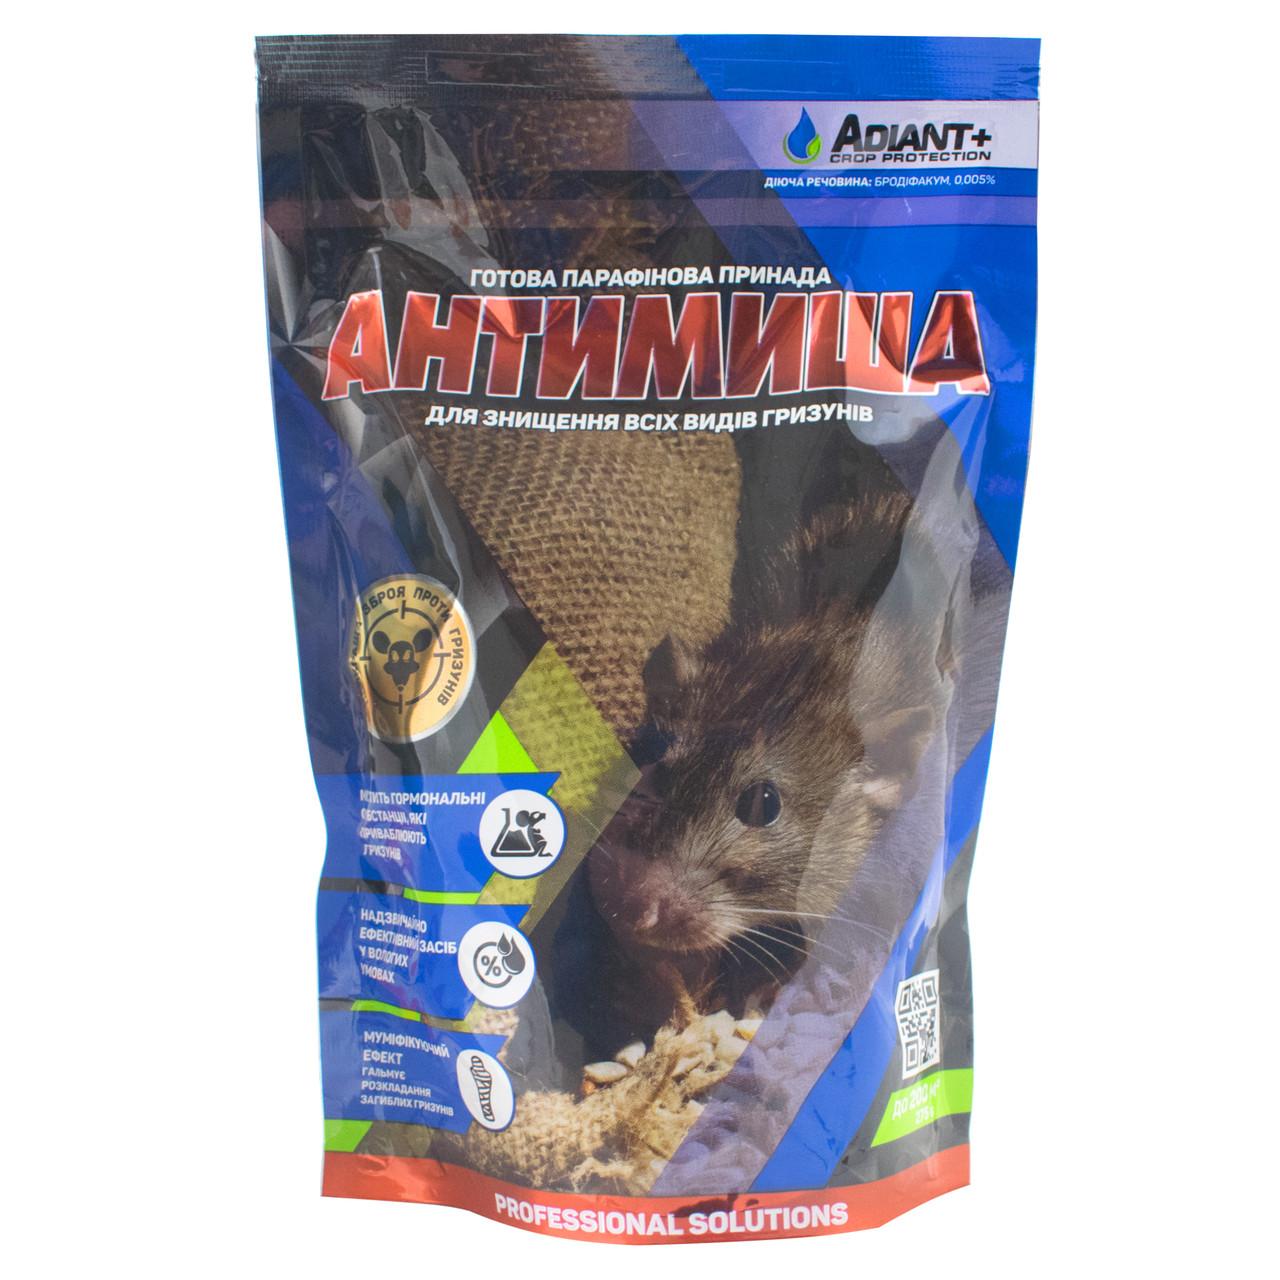 Восковые таблетки от крыс и мышей Антимыша 275 г Adiant+